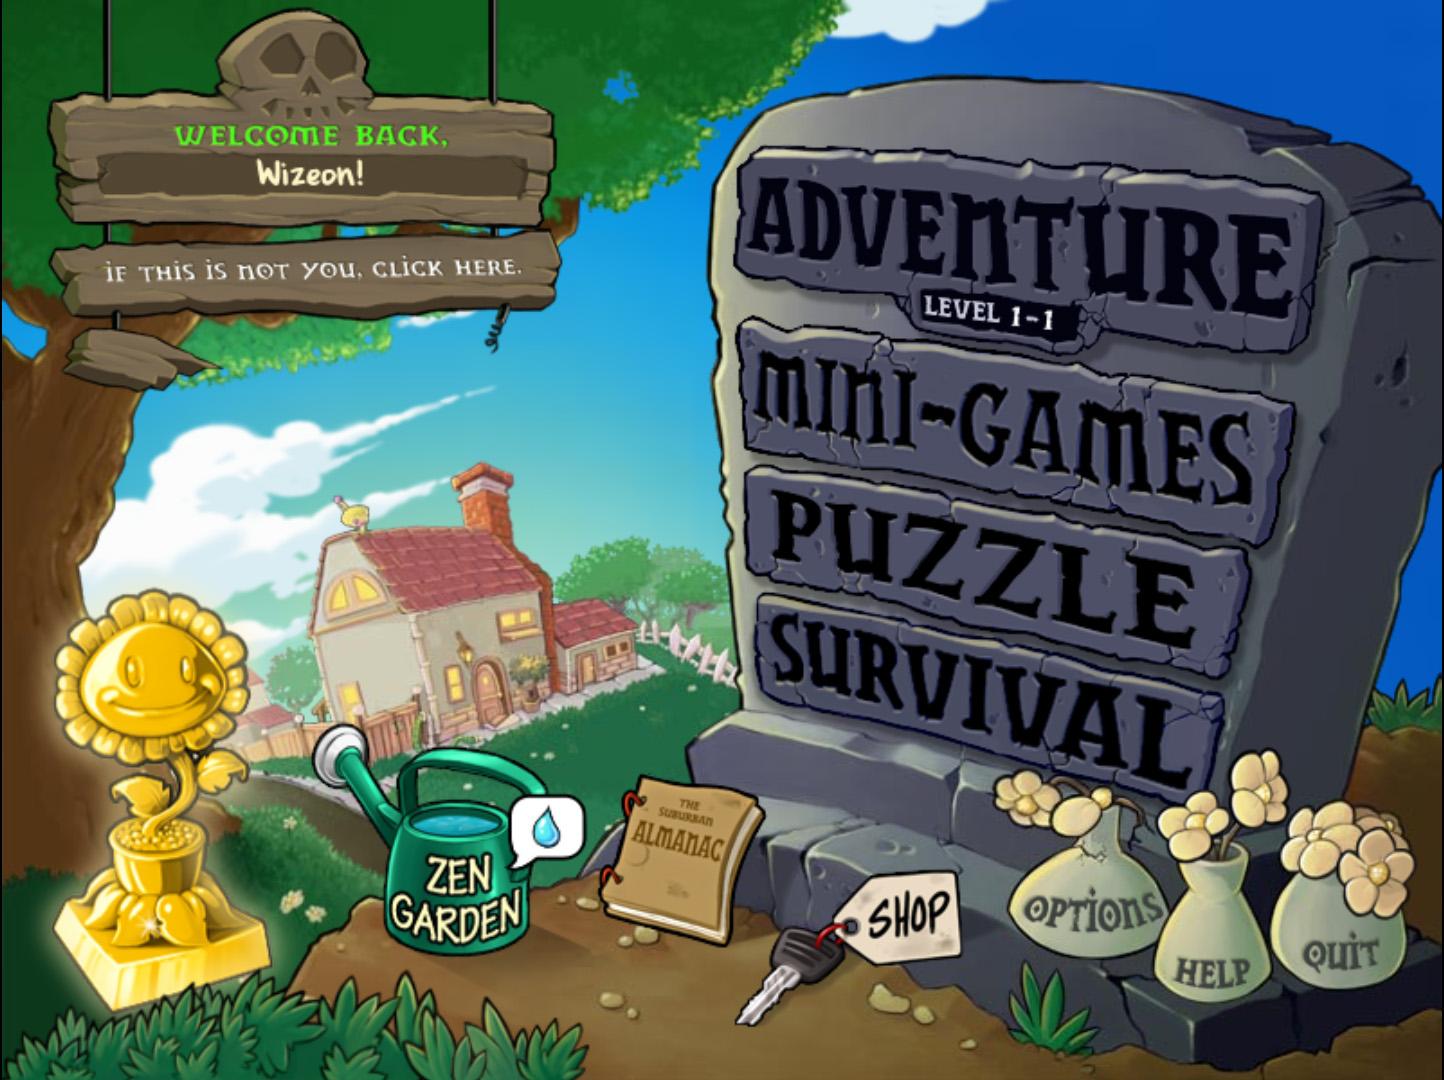 http://1.bp.blogspot.com/-zyeCCdU0Xwk/TakAoWiH2BI/AAAAAAAAAr0/gQ9IctiXyuE/s1600/plants-vs-zombies-2.jpg